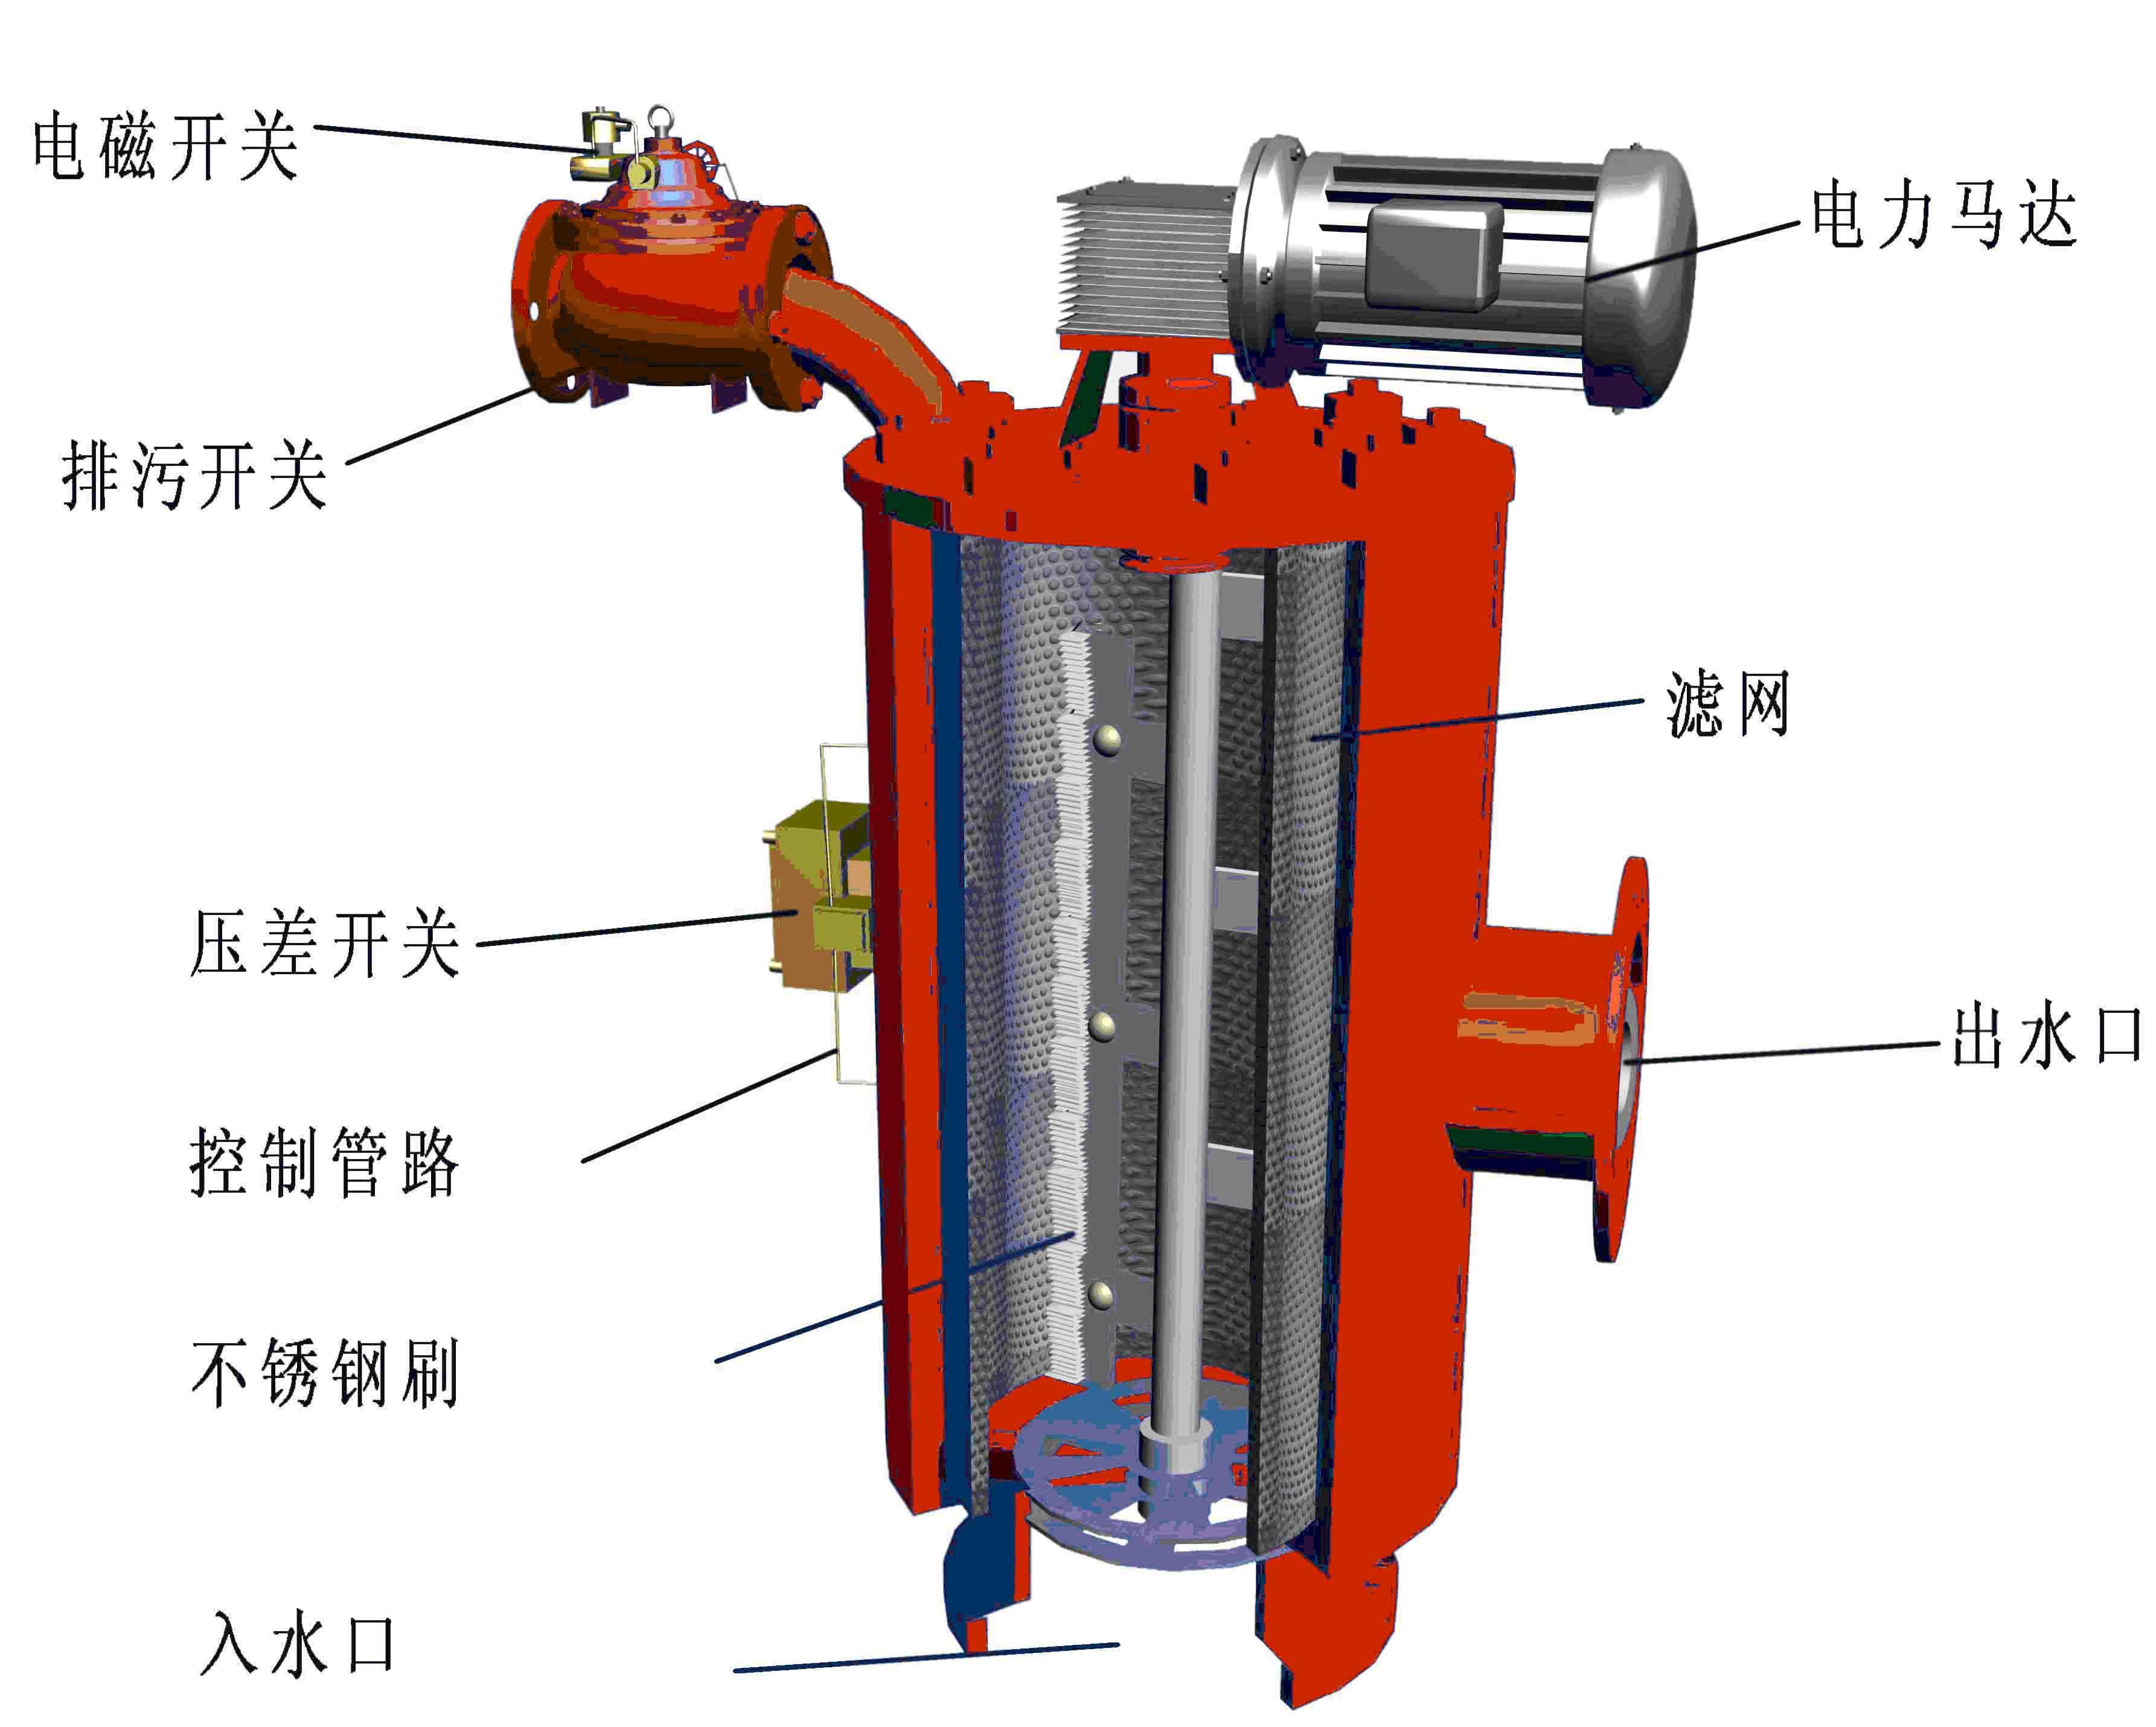 差压式全自动过滤器产品结构型图